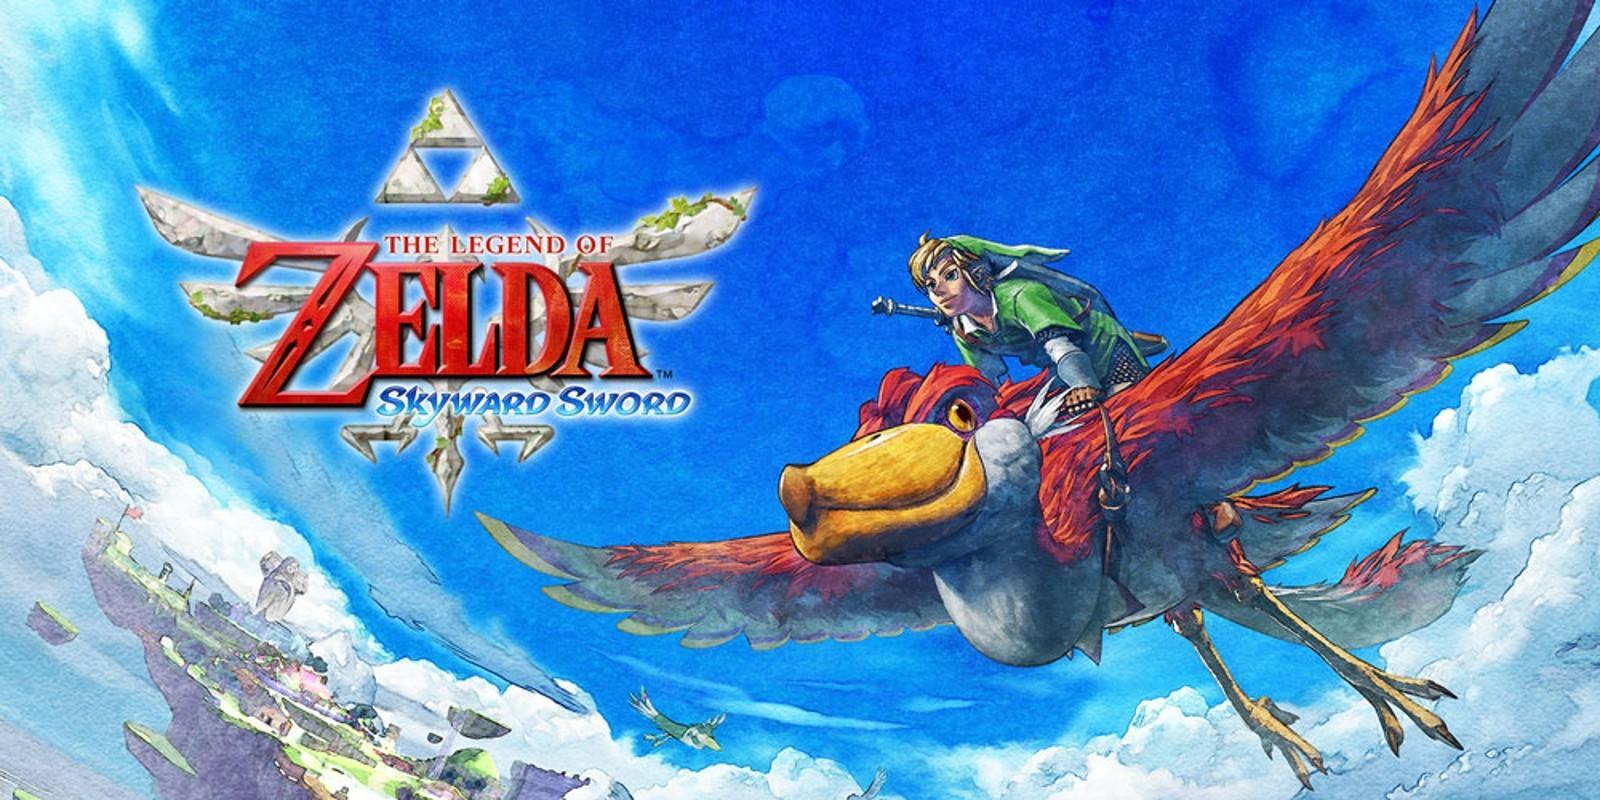 Фигурка amiibo «Зельда и Небокрыл» поступит в продажу вместе с The Legend of Zelda: Skyward Sword HD 4